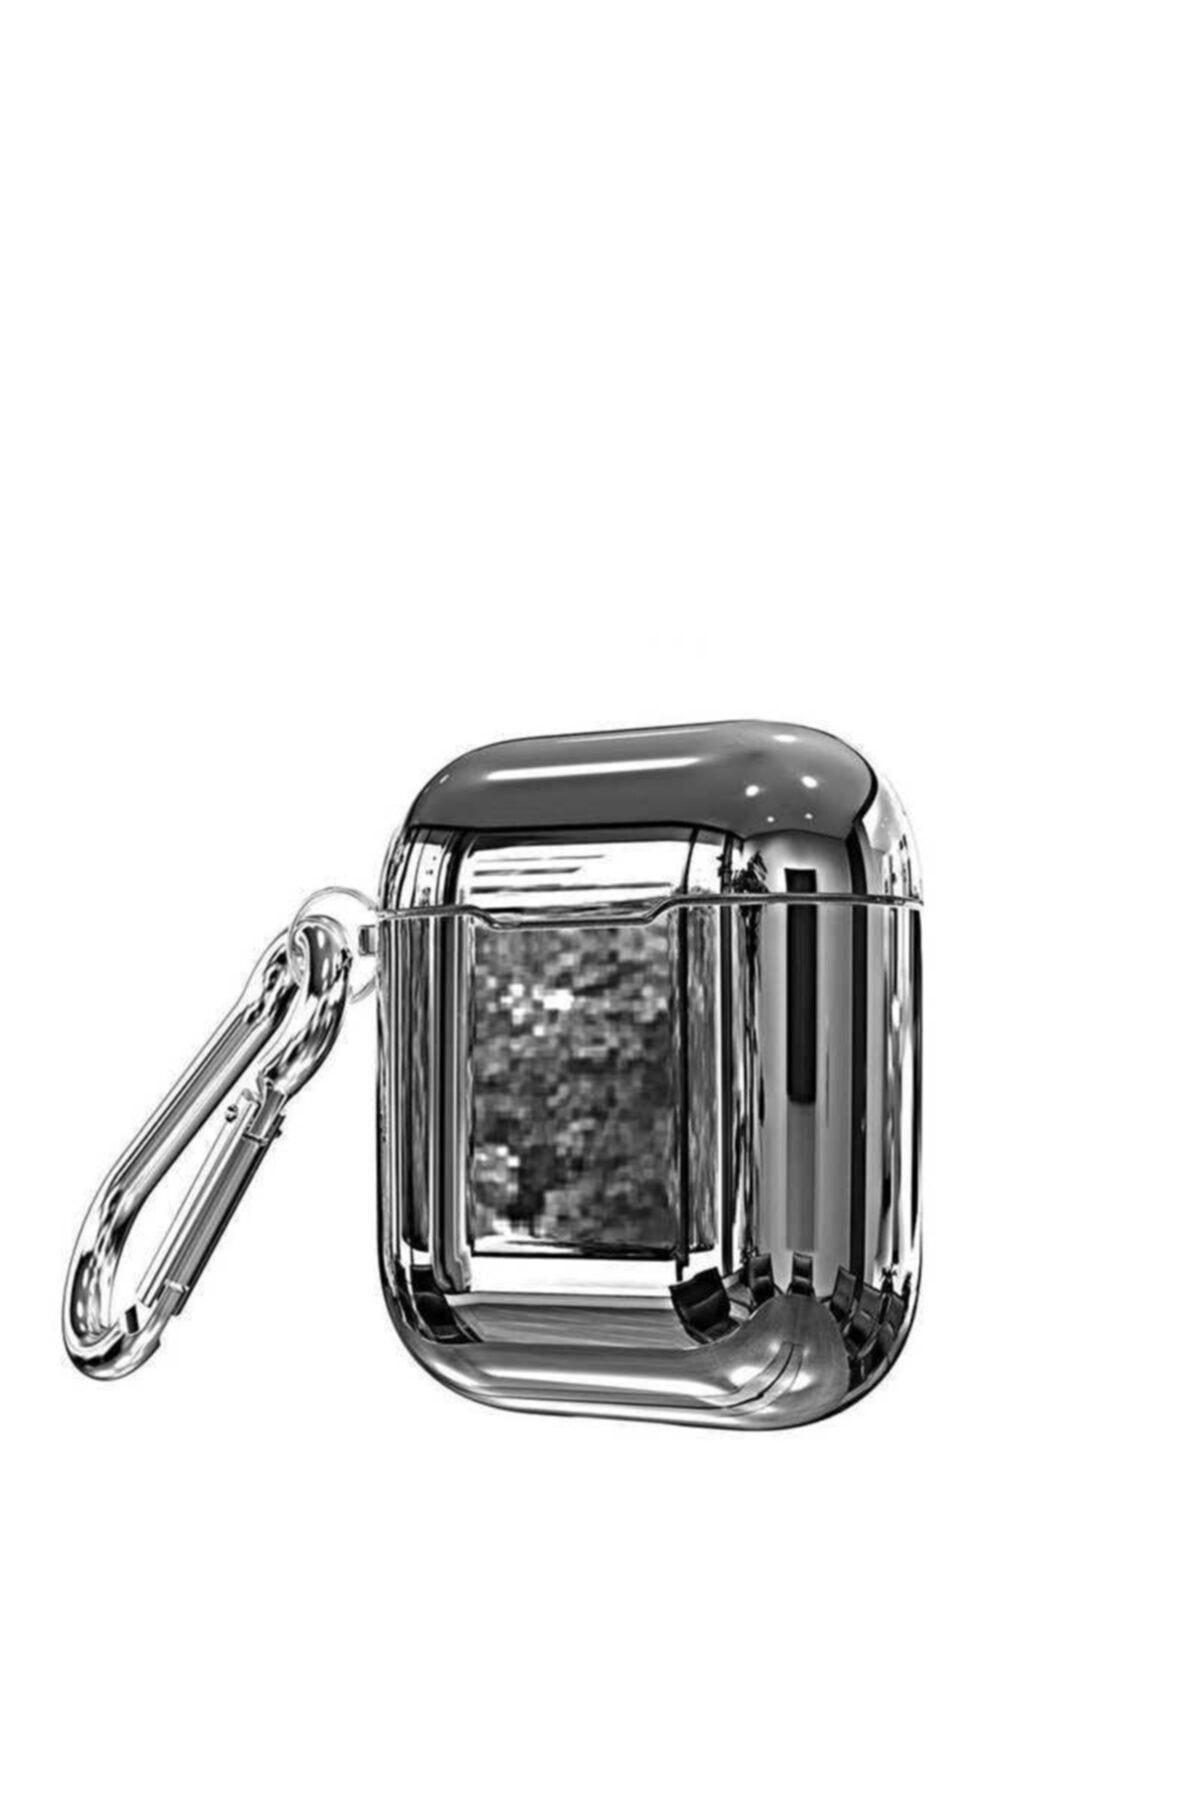 zore Gümüş Airpods Uyumlu Parlak Polikarbon Mazleme  Kılıf 1